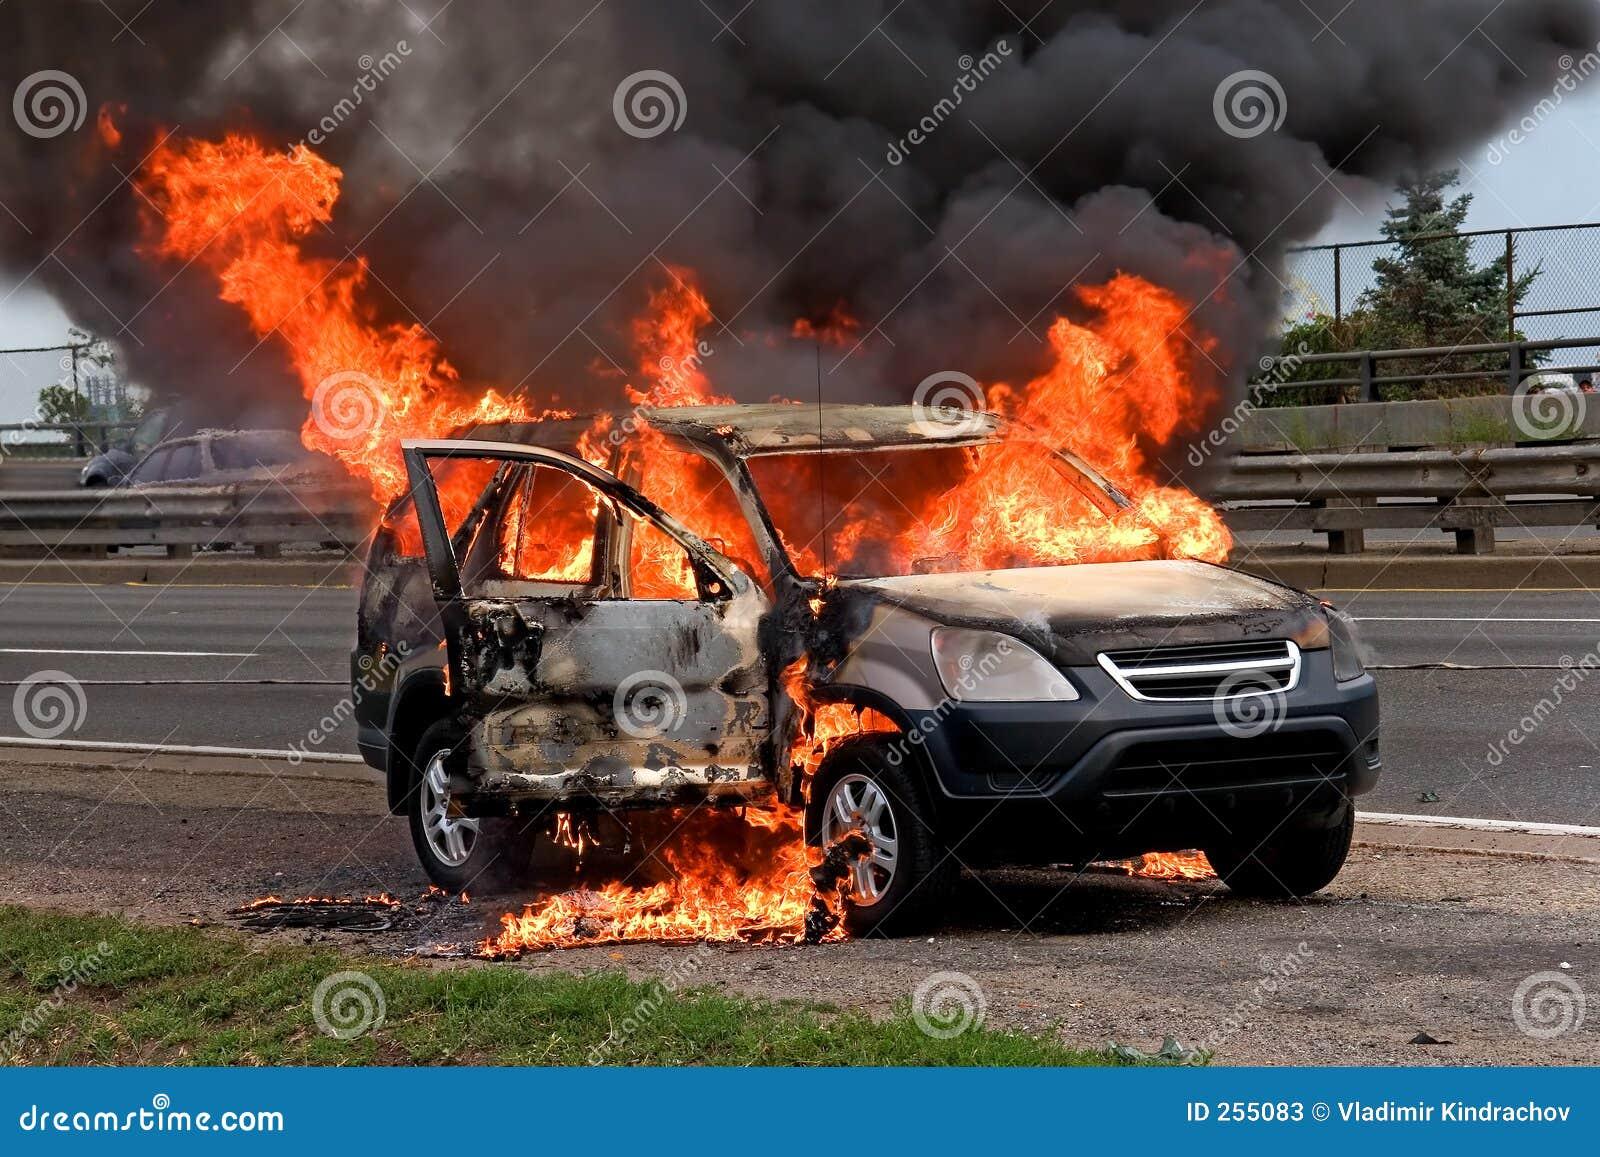 Car Accident Canada